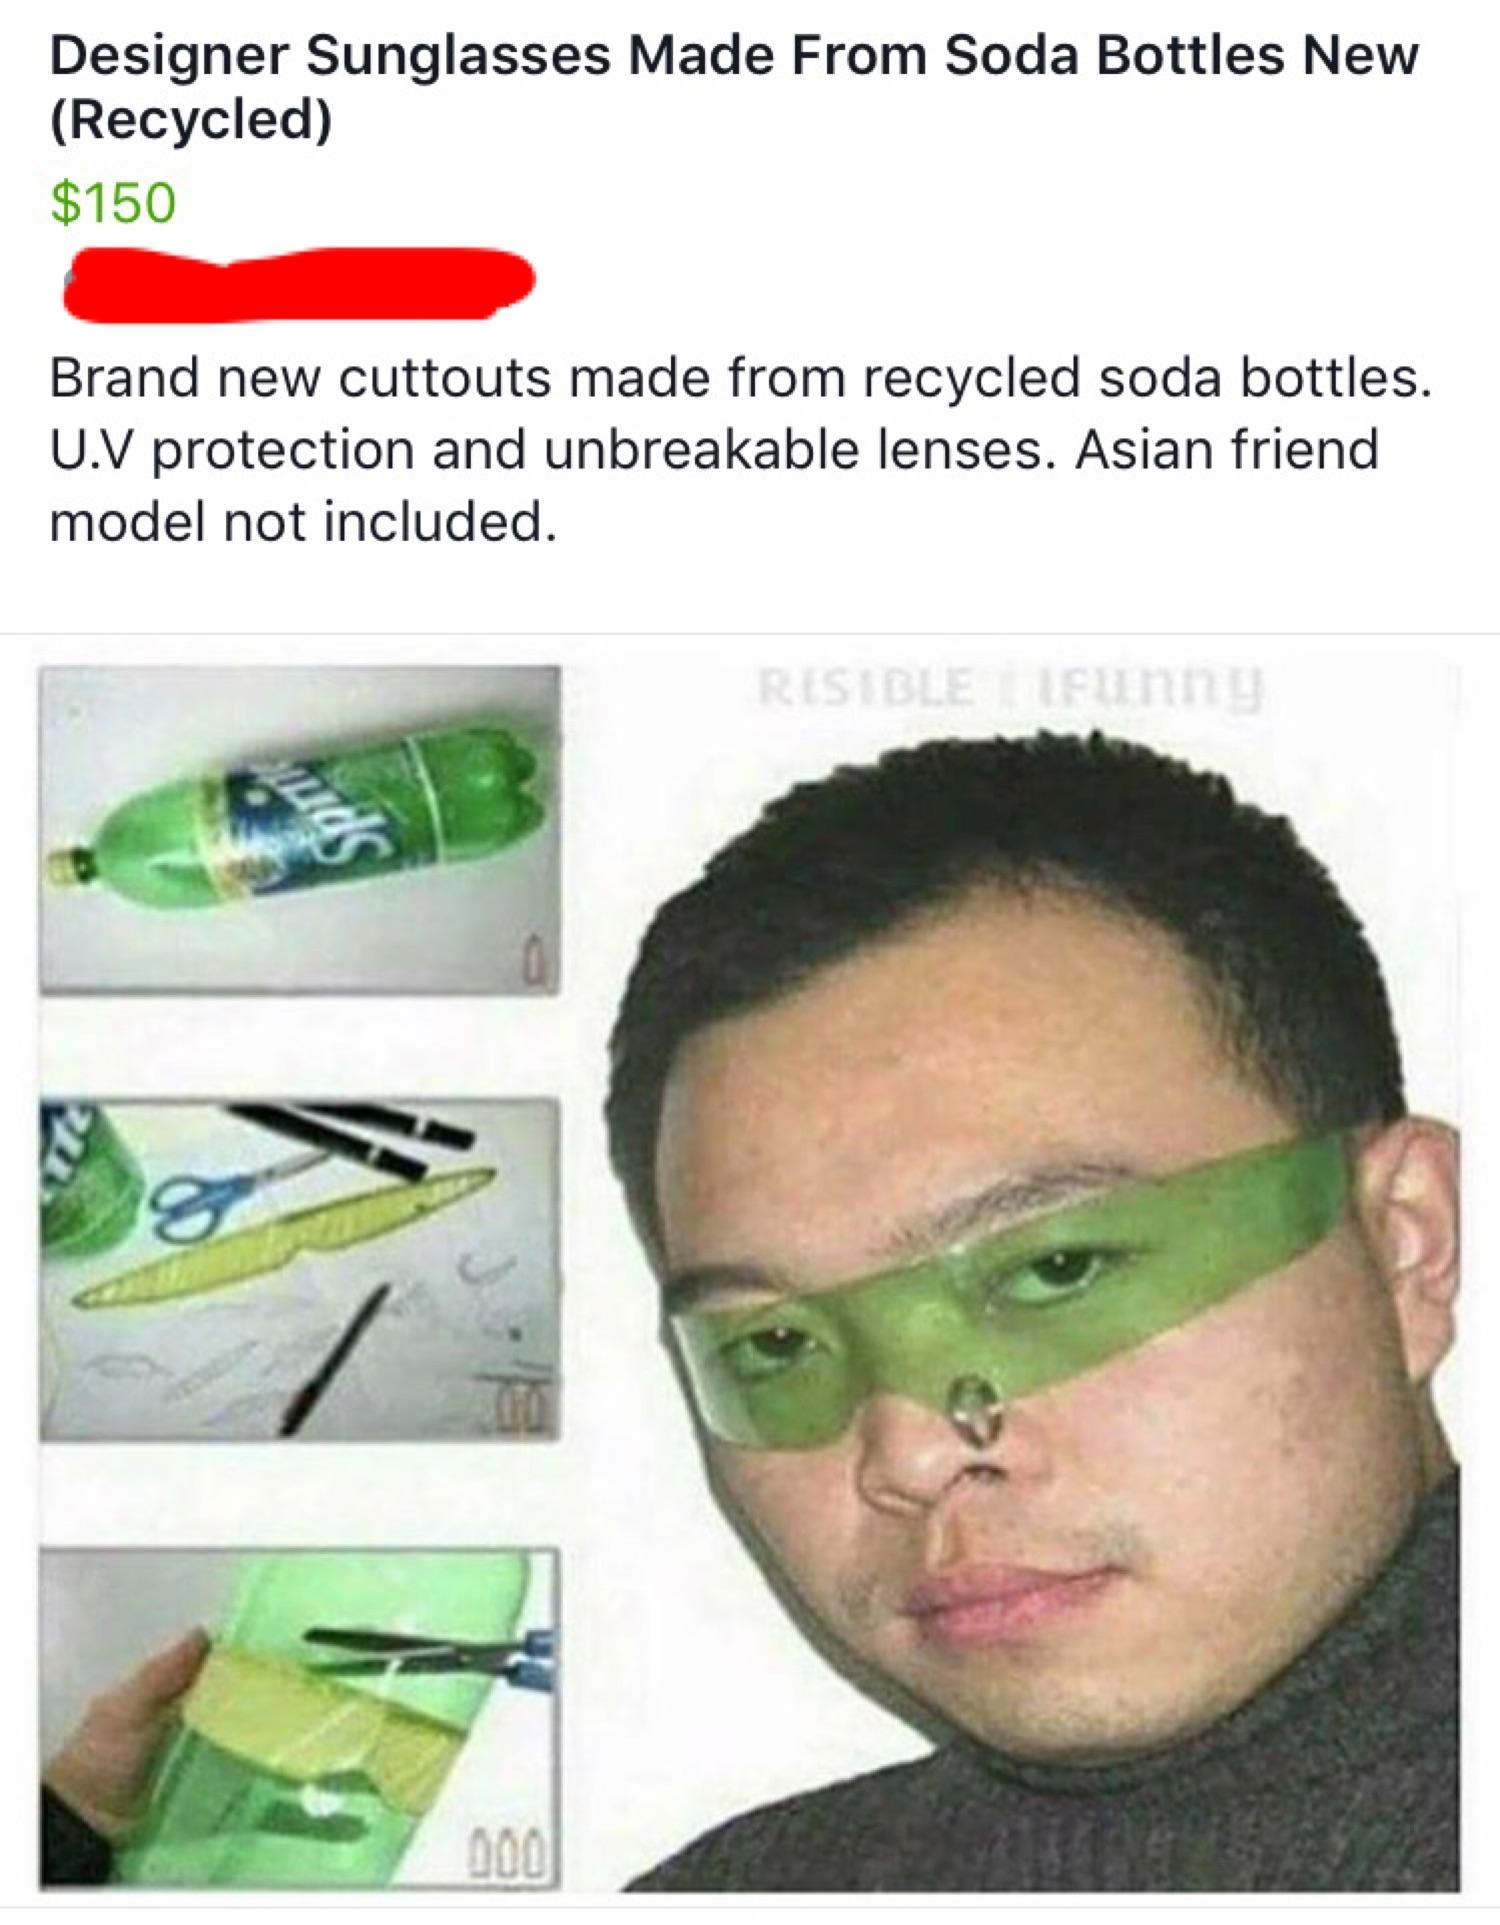 Designer sunglasses made from soda bottles